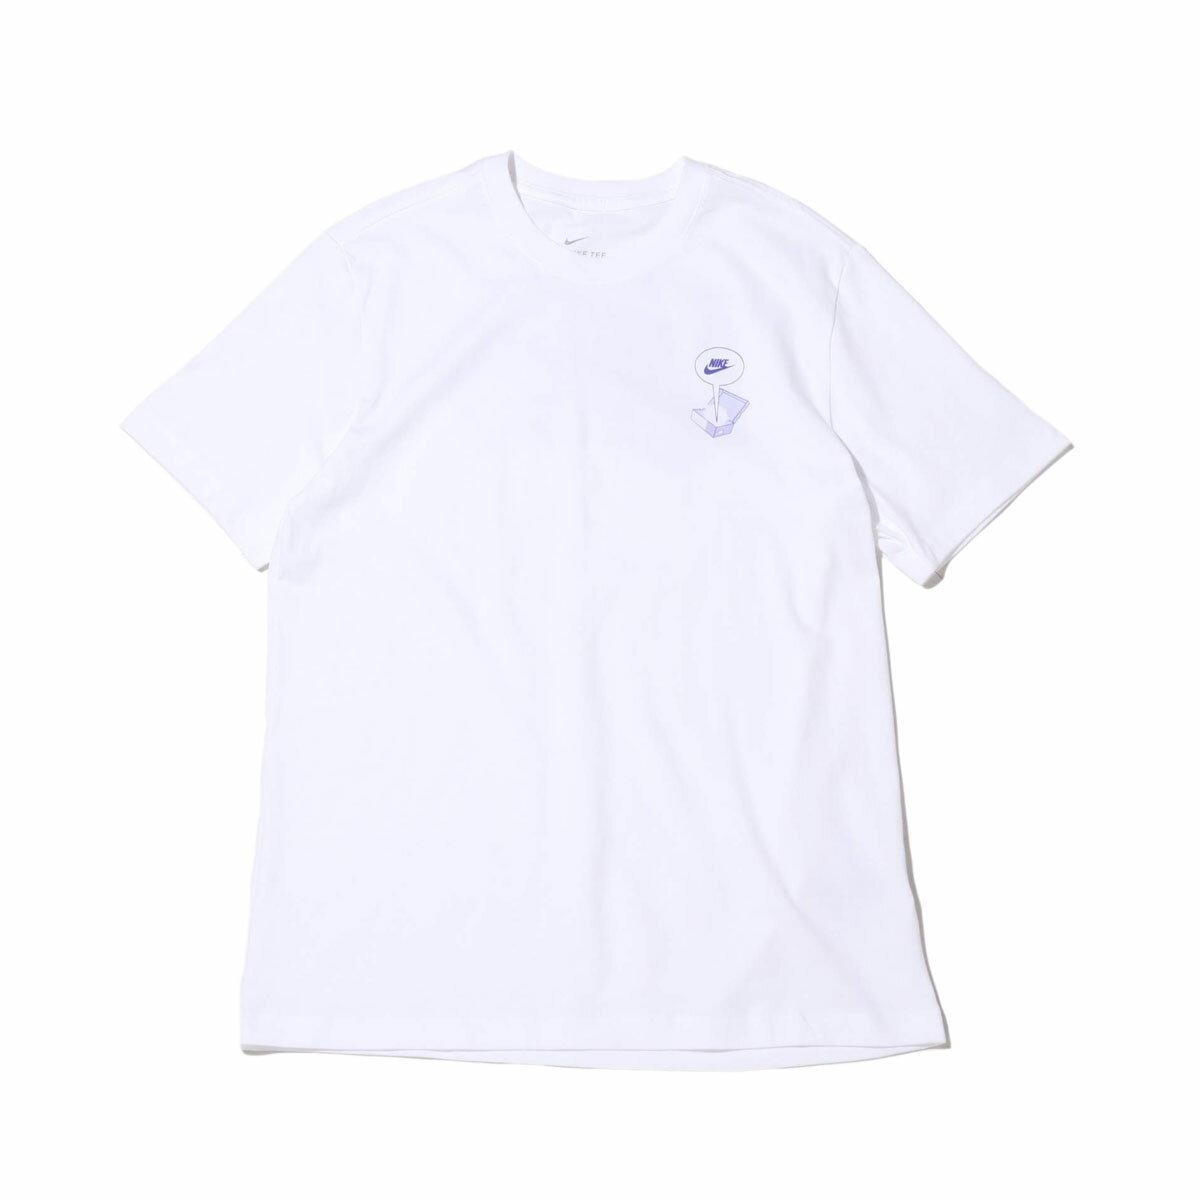 トップス, Tシャツ・カットソー NIKE AS M NSW TEE FTWR DSTRD BM( FTWR DSTRD BM T )WHITE T20SU-SMANGA COLLECTION at20-c